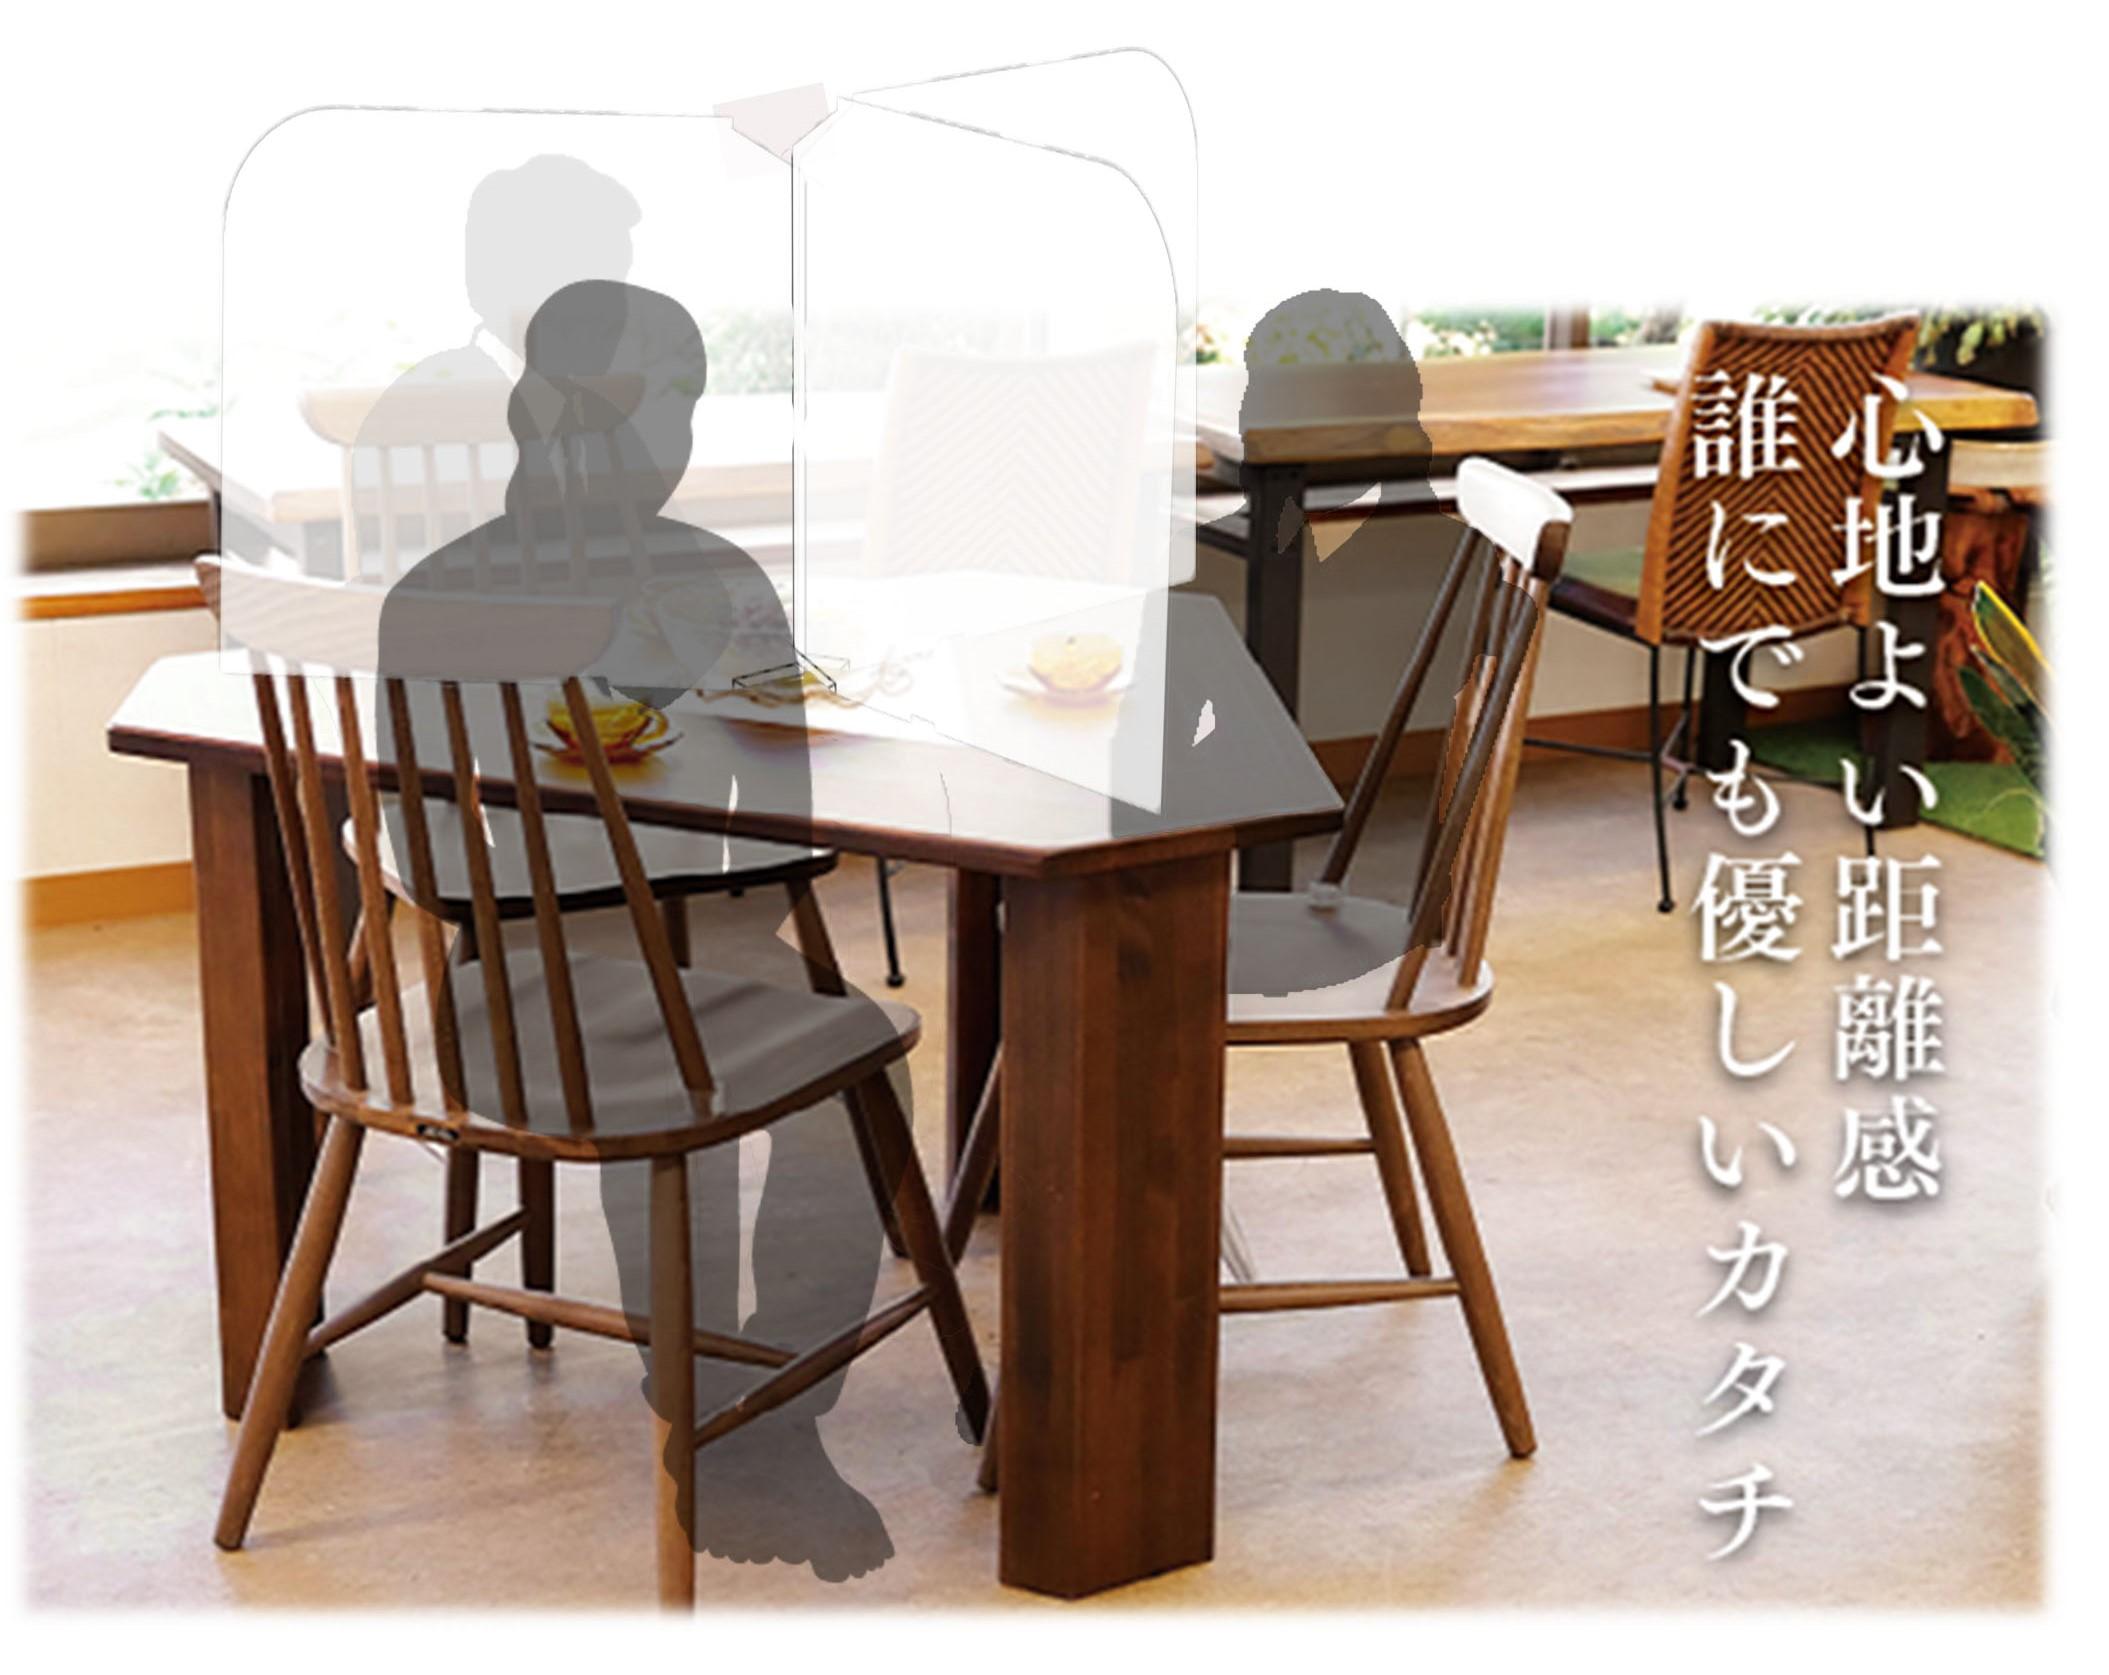 三角テーブル Smile60° シールドスクリーン付き 【実用新案取得】新型コロナウイルス 感染症対策家具